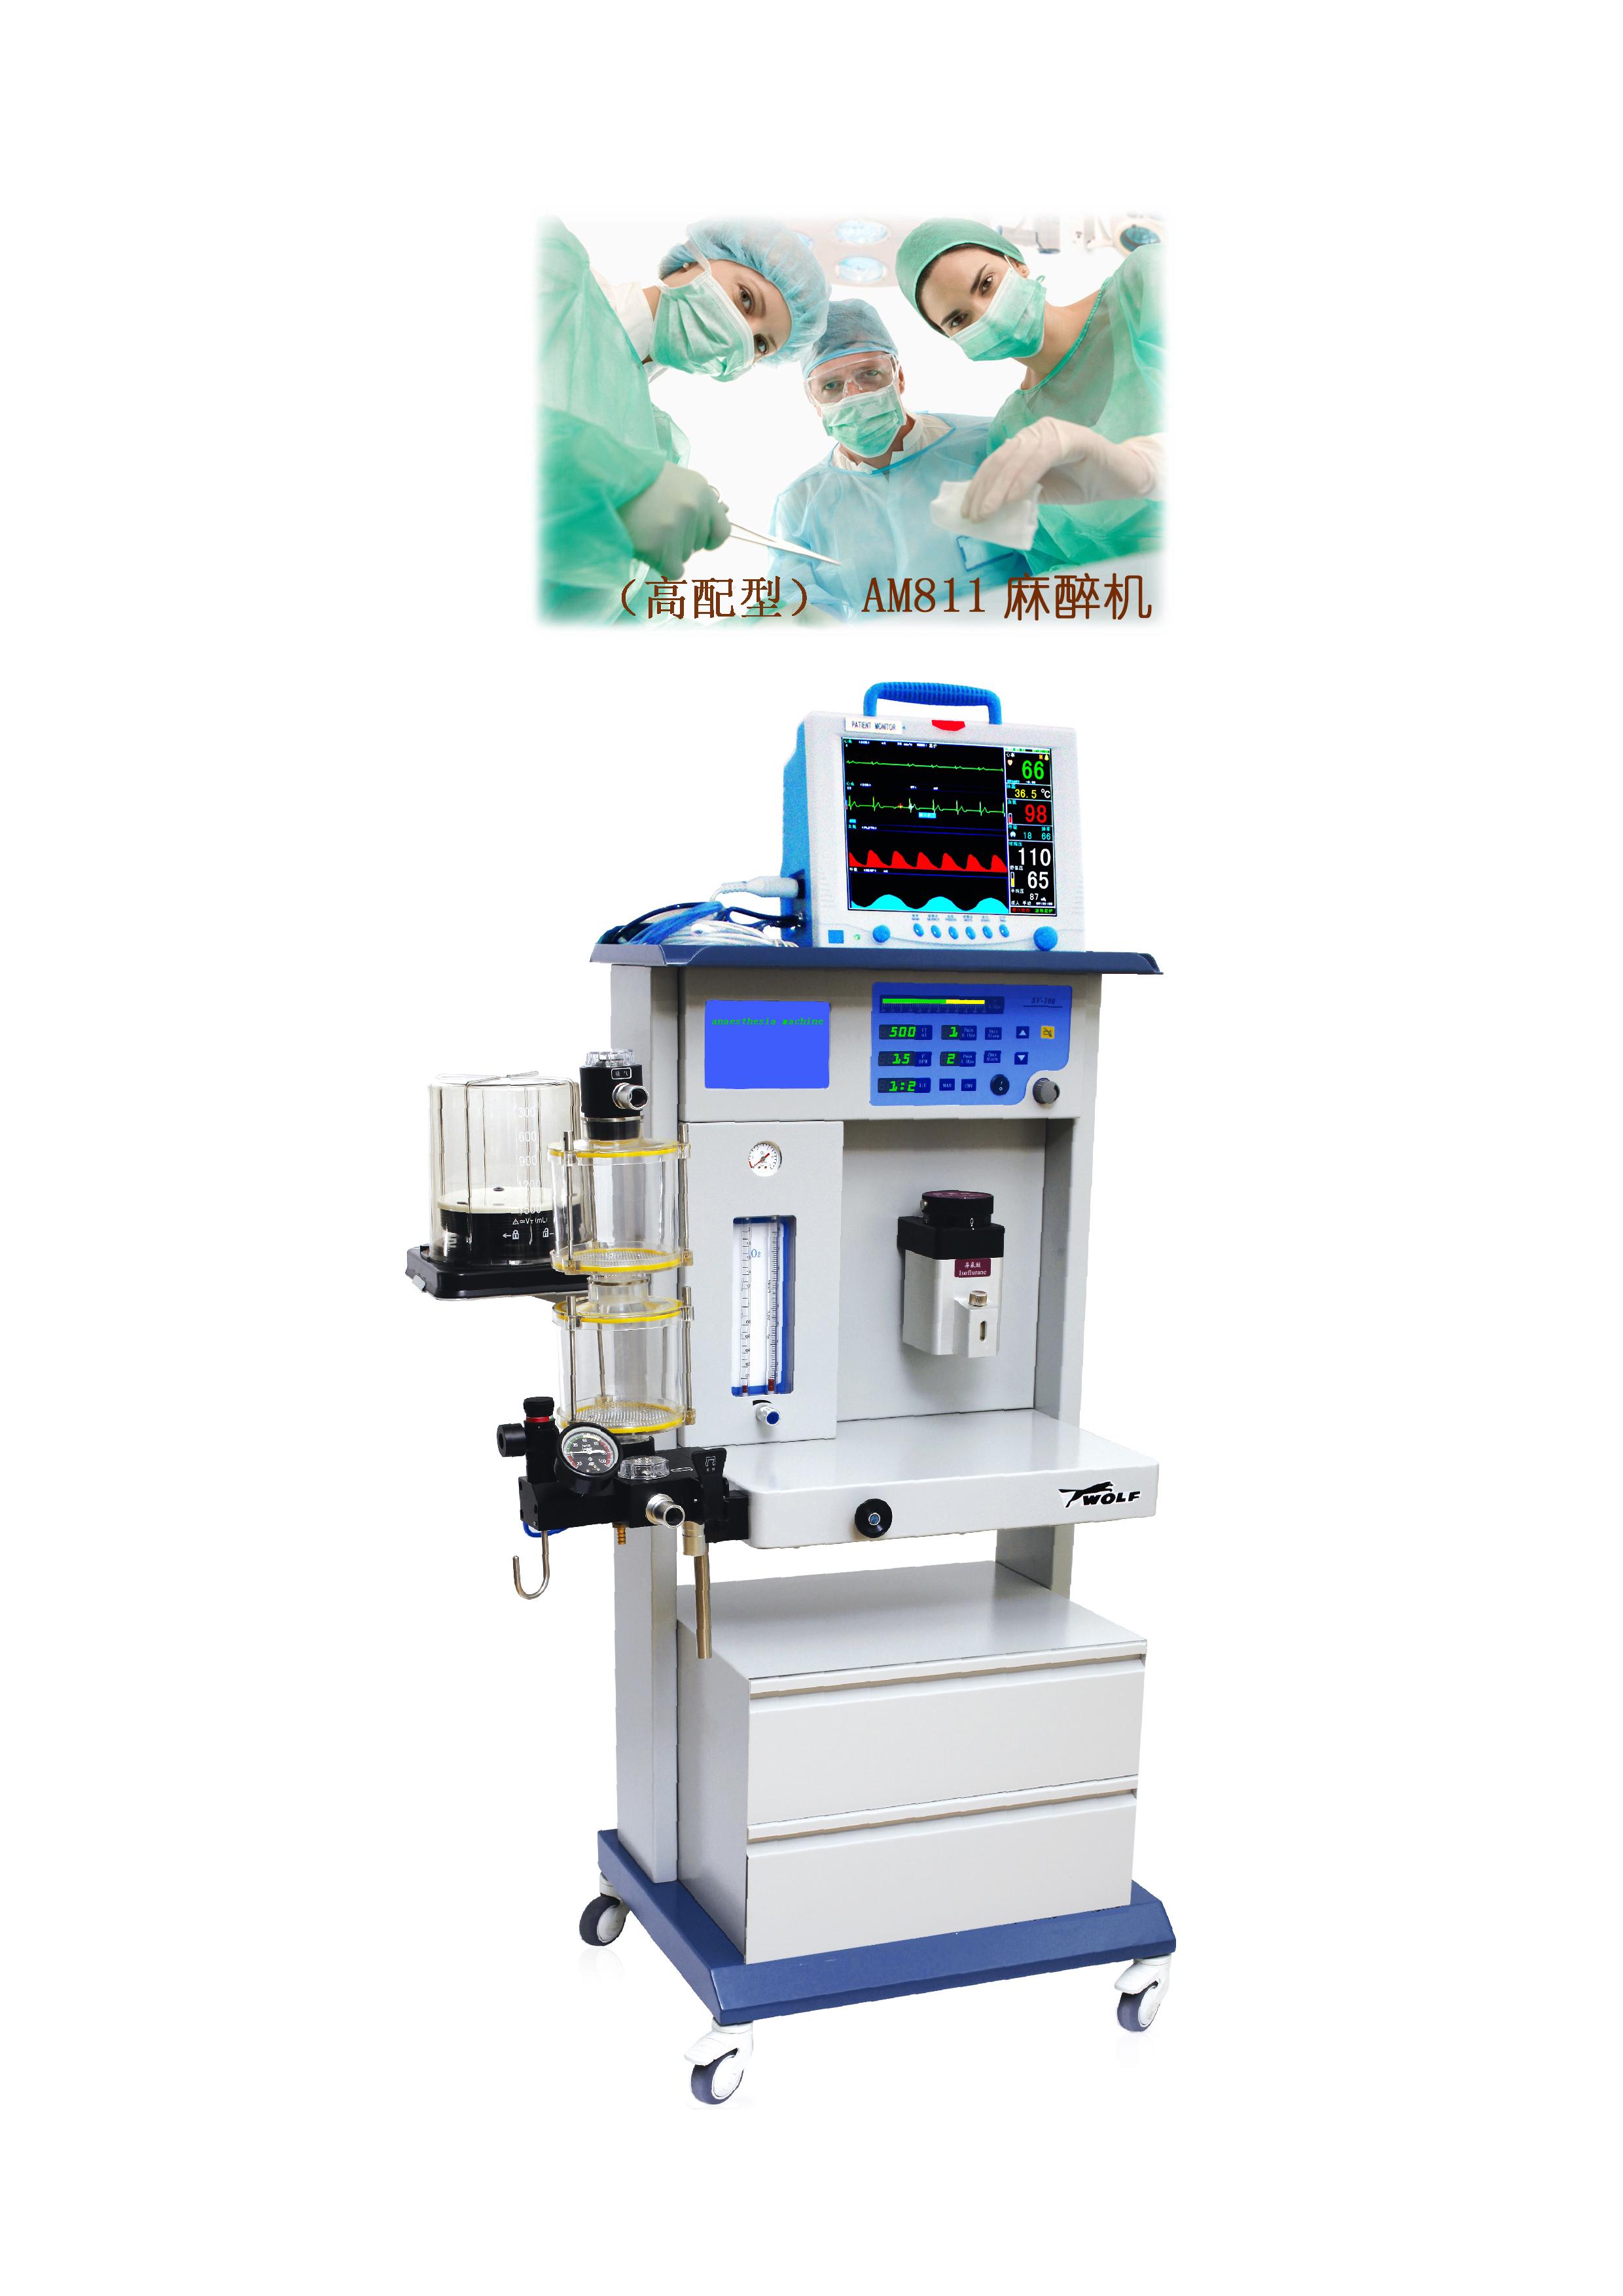 多功能麻醉机 AM811